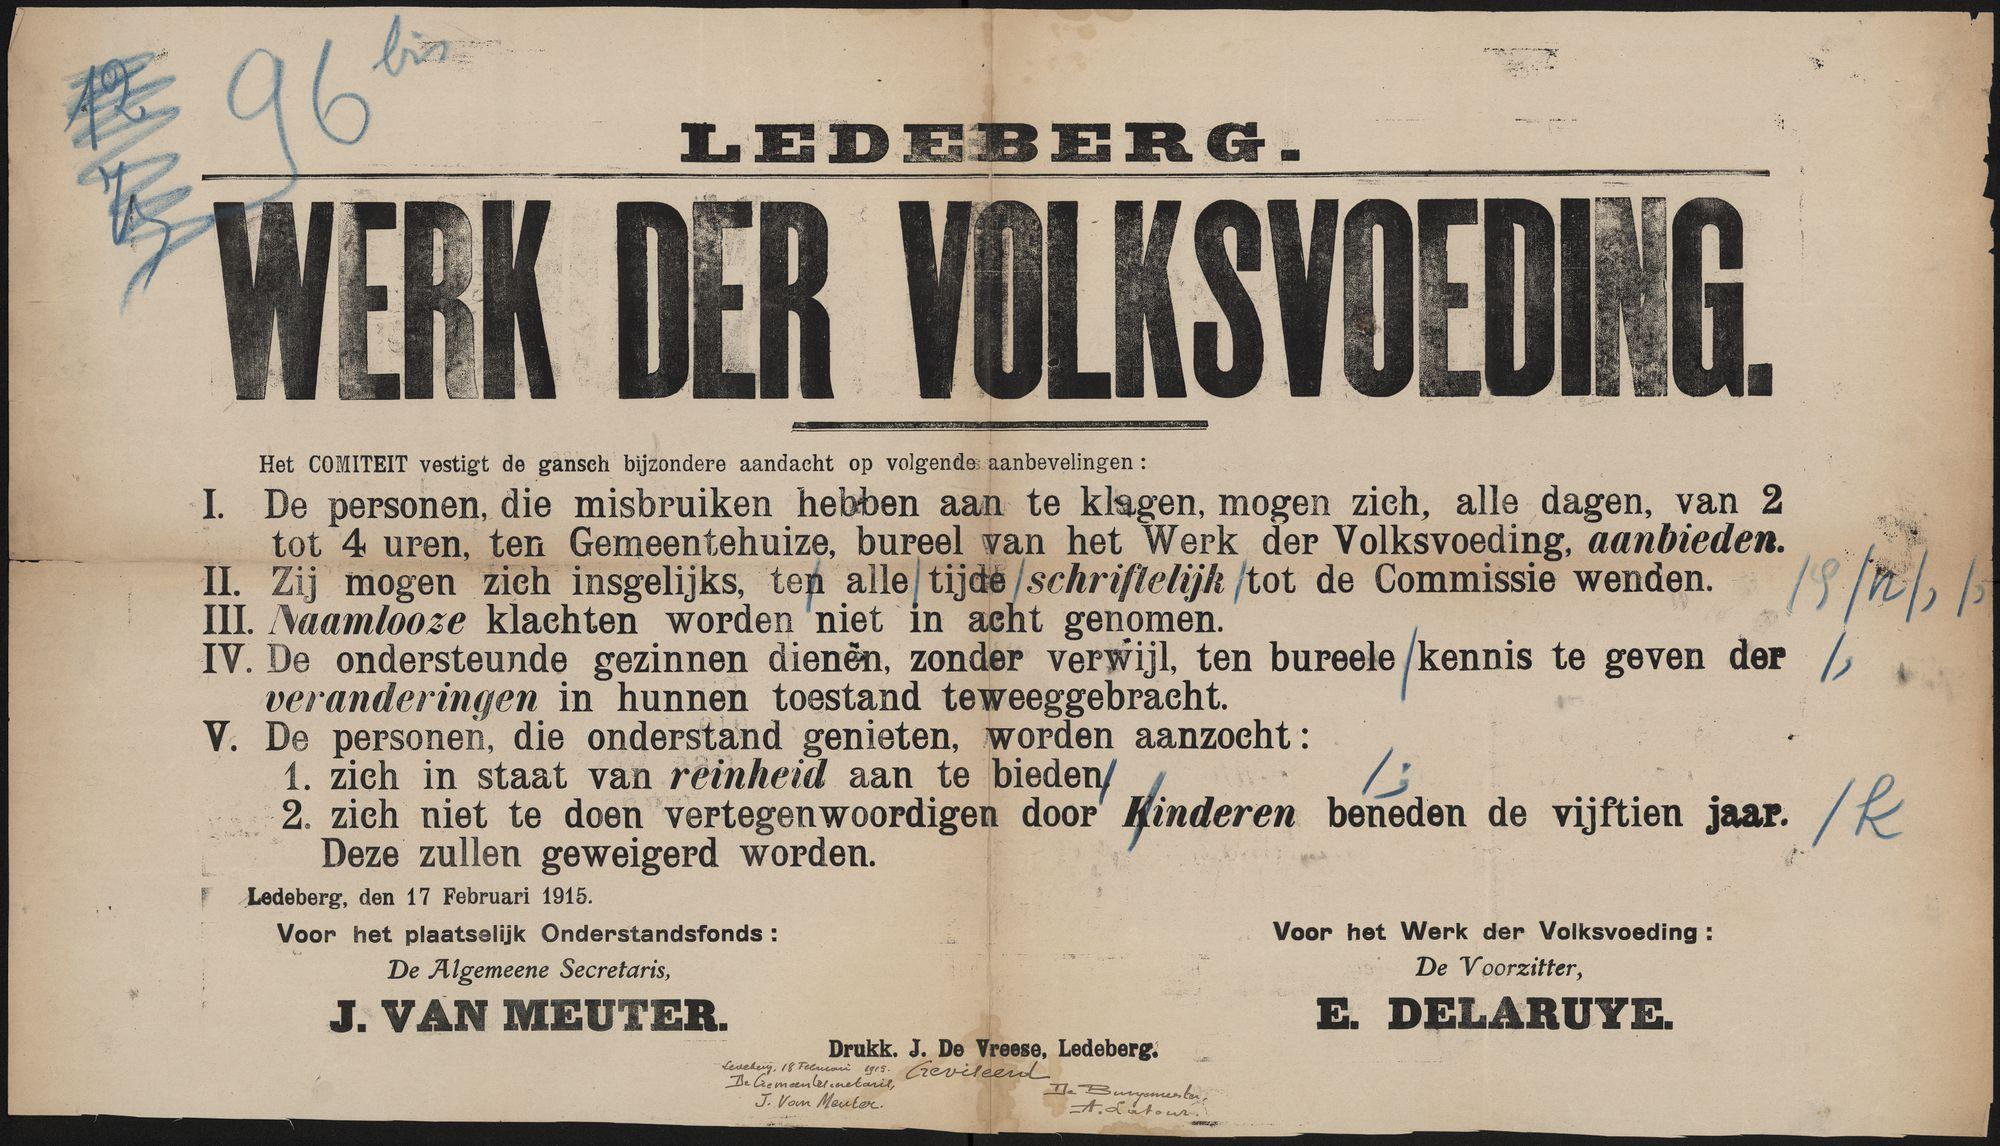 Ledeberg, Werk der volksvoeding.